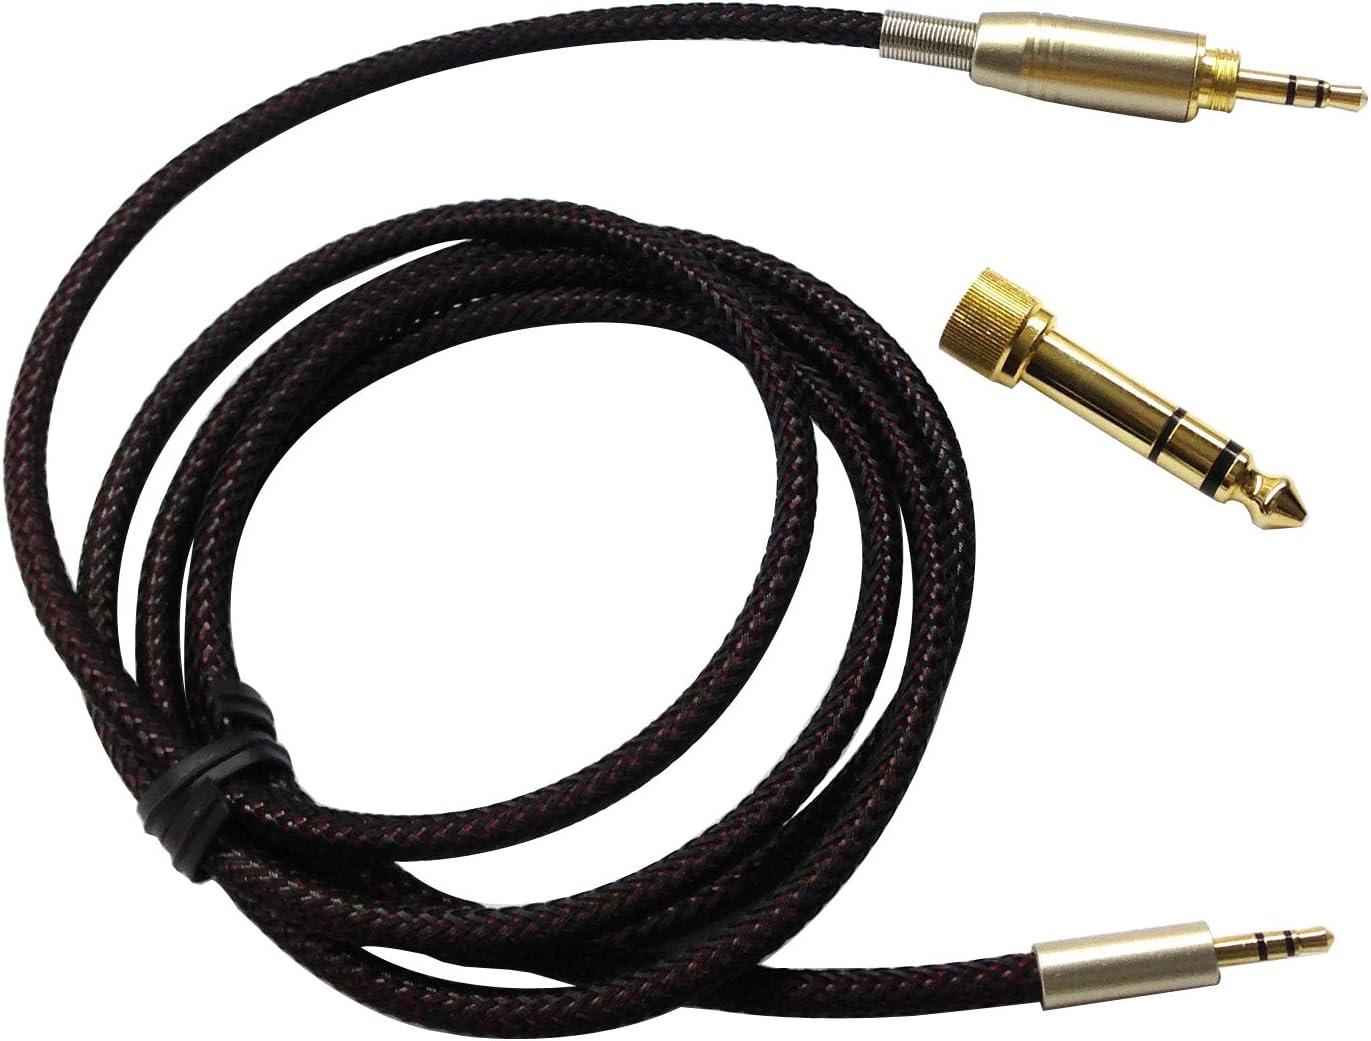 Cable de Audio de Repuesto Compatible con Auriculares Bose SoundTrue, SoundLink On-Ear, SoundLink II Alrededor de la Oreja, Auriculares inalámbricos de 1,2 Metros